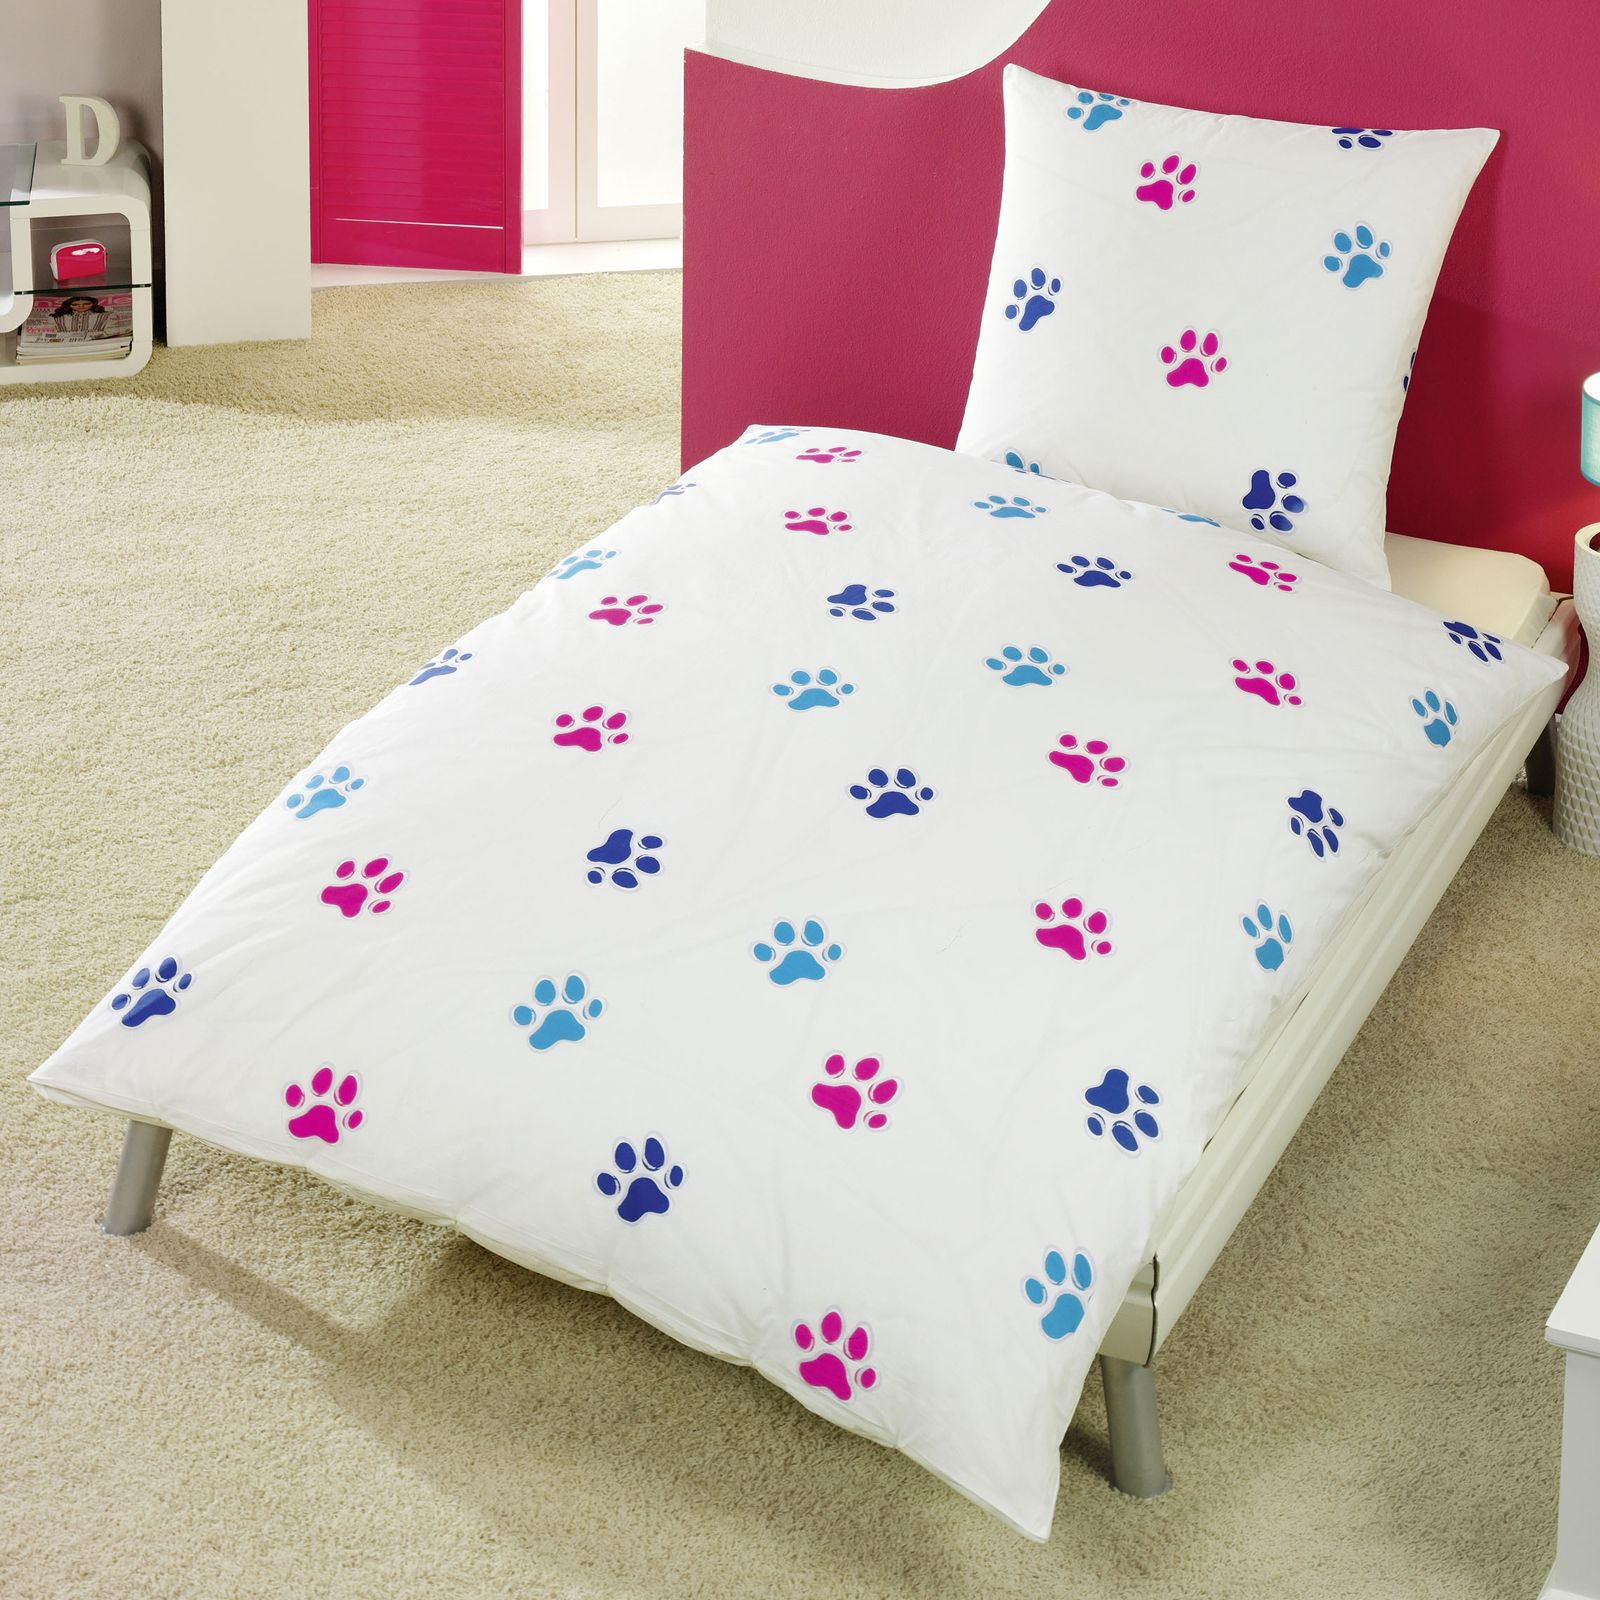 Tier bettwäsche 100% baumwolle bettbezüge neu schlafzimmer pferde ...